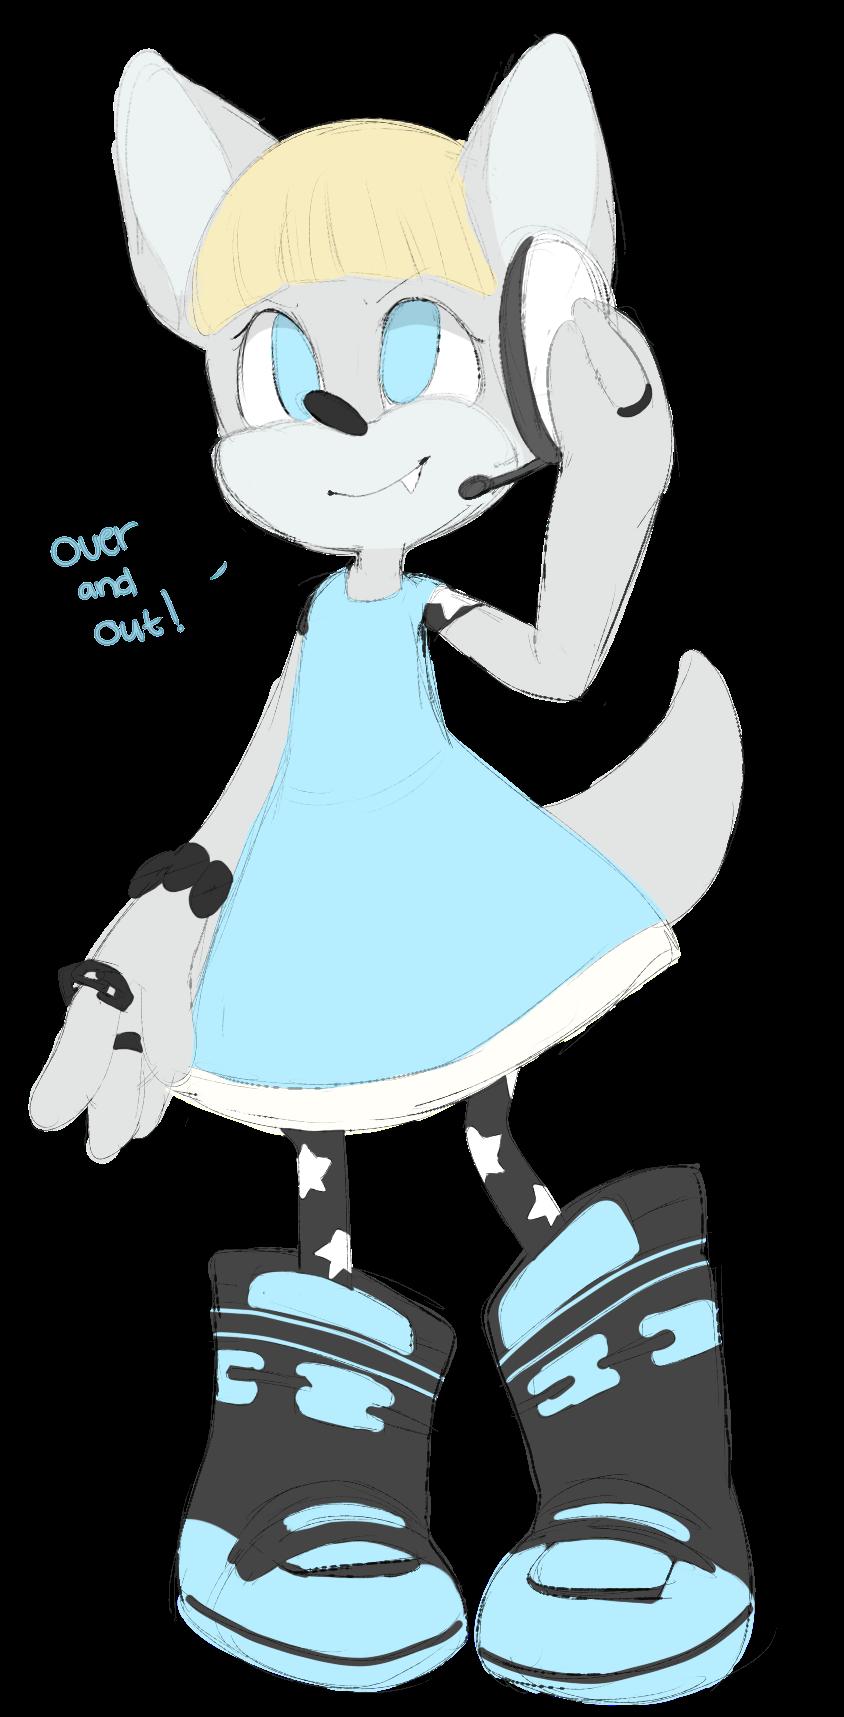 Sonic Forces OC by Rain-ette